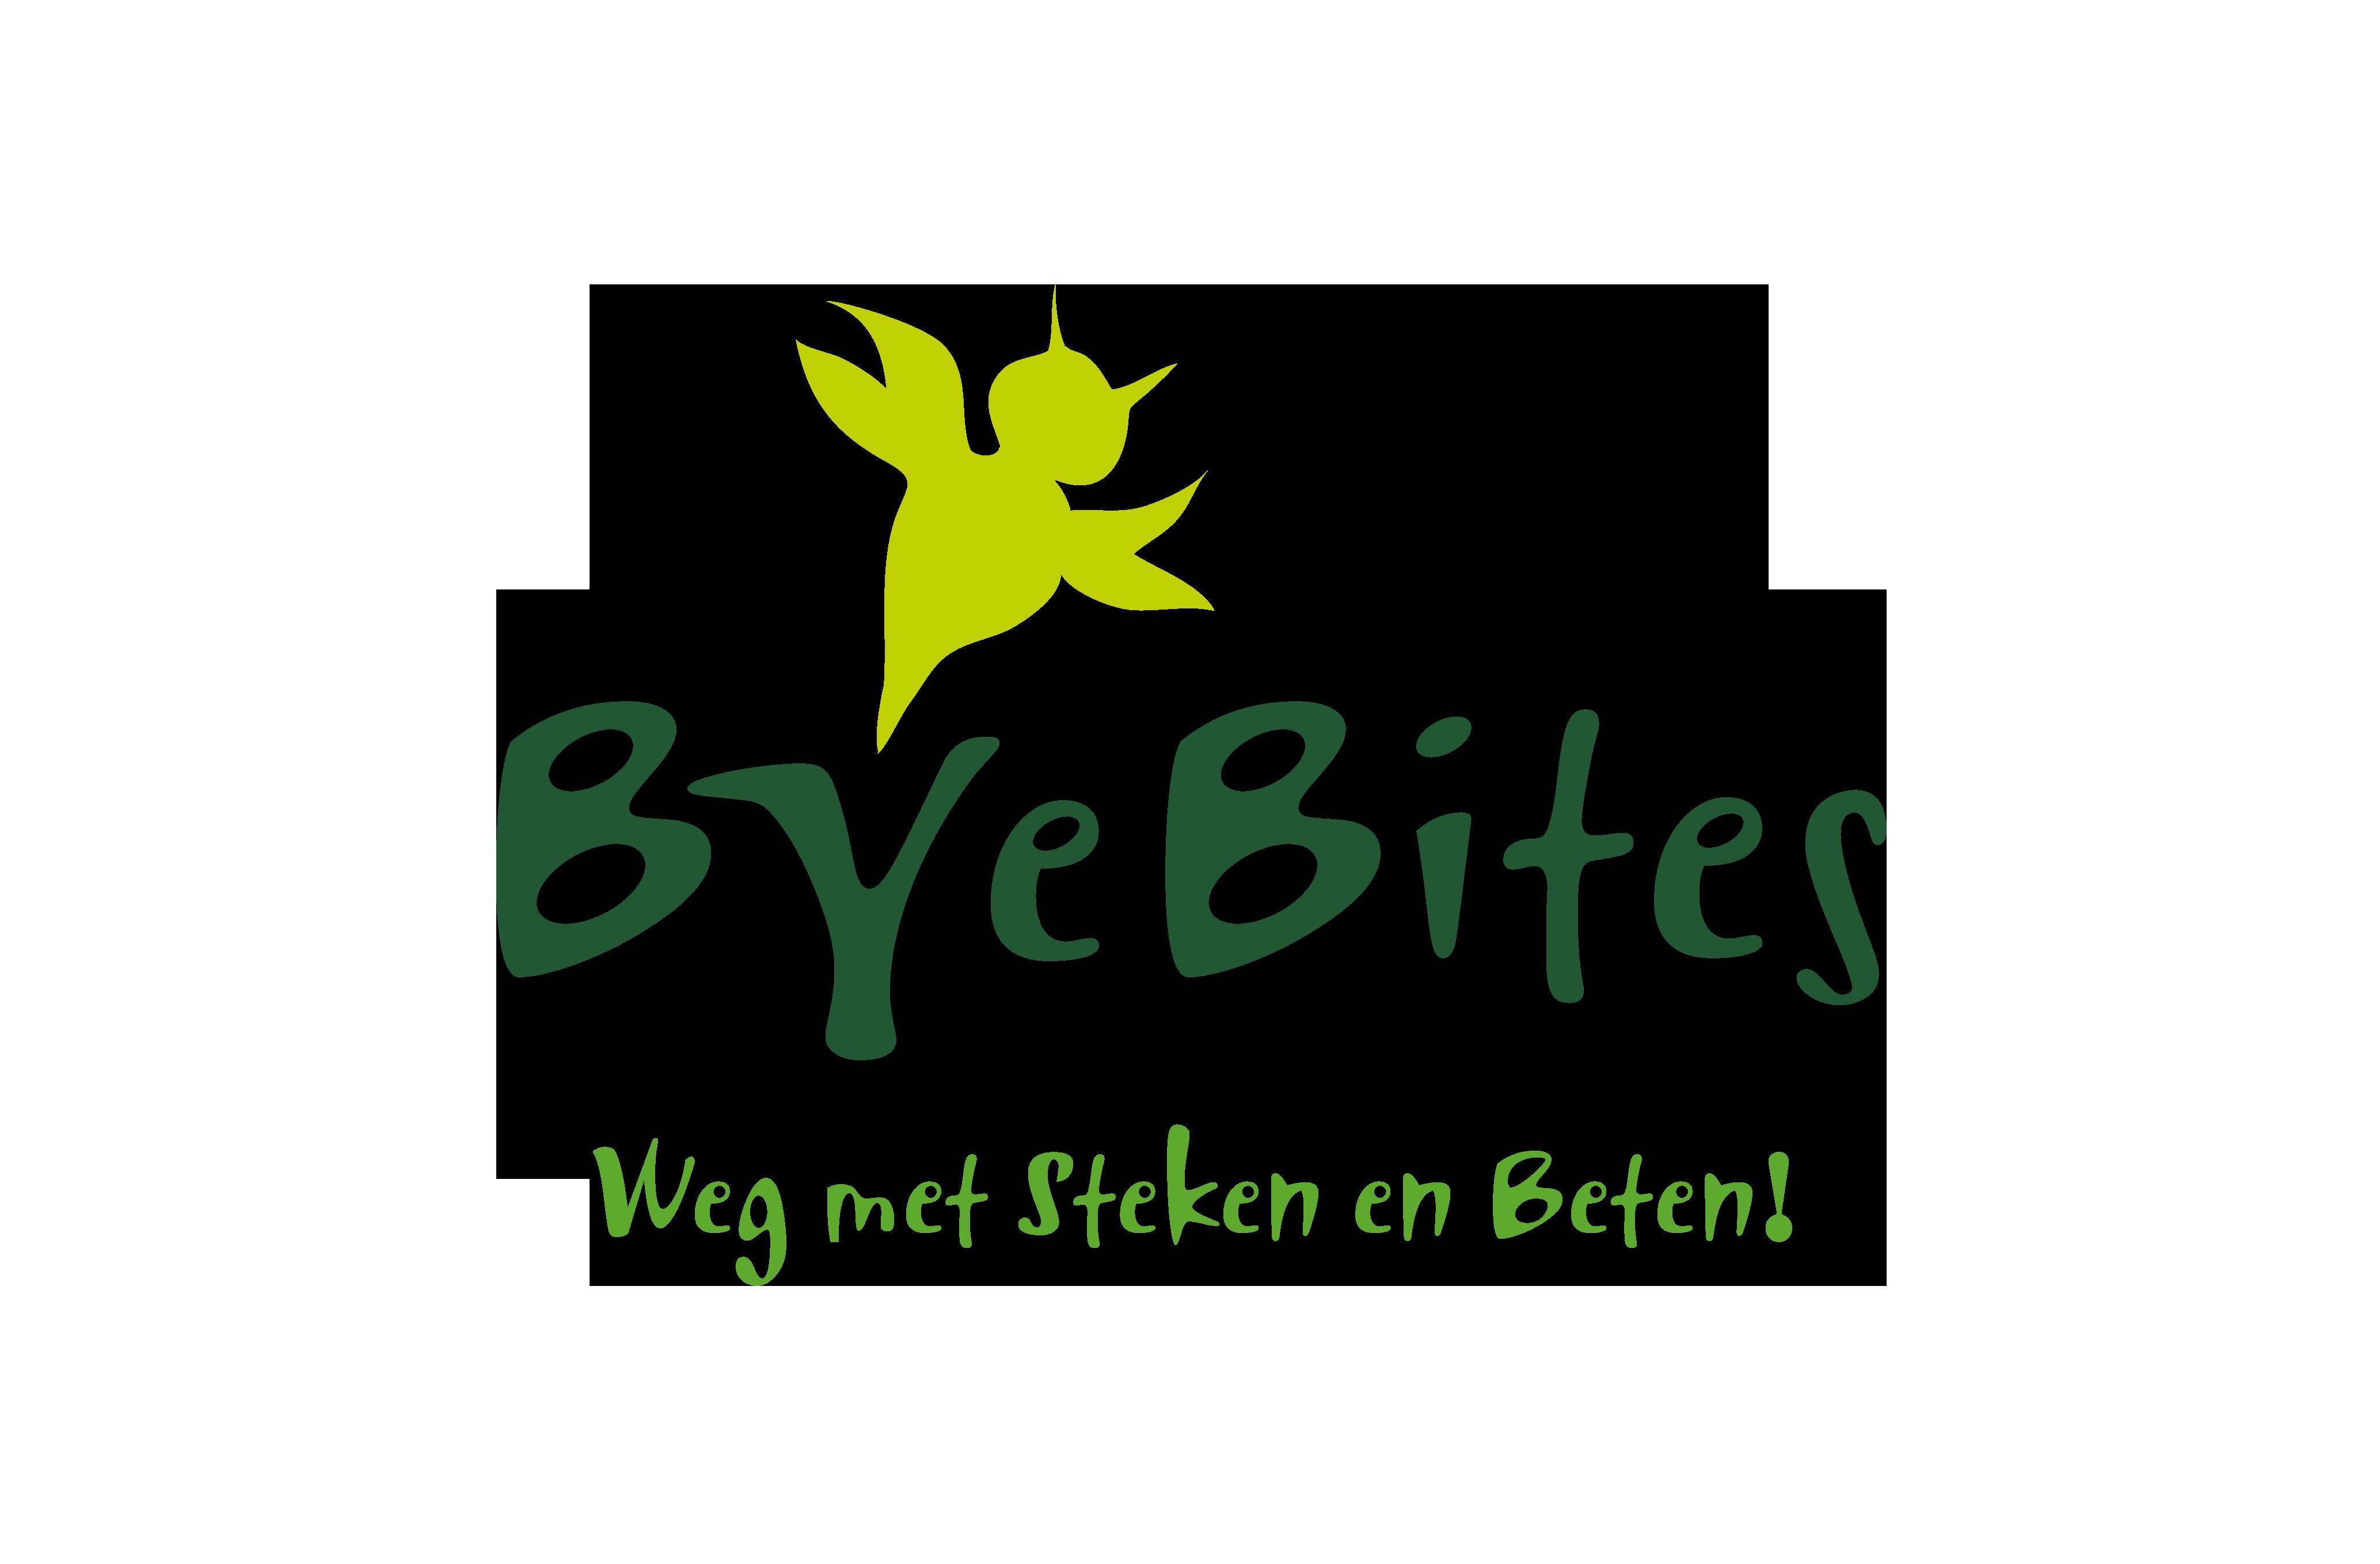 Bye-Bites